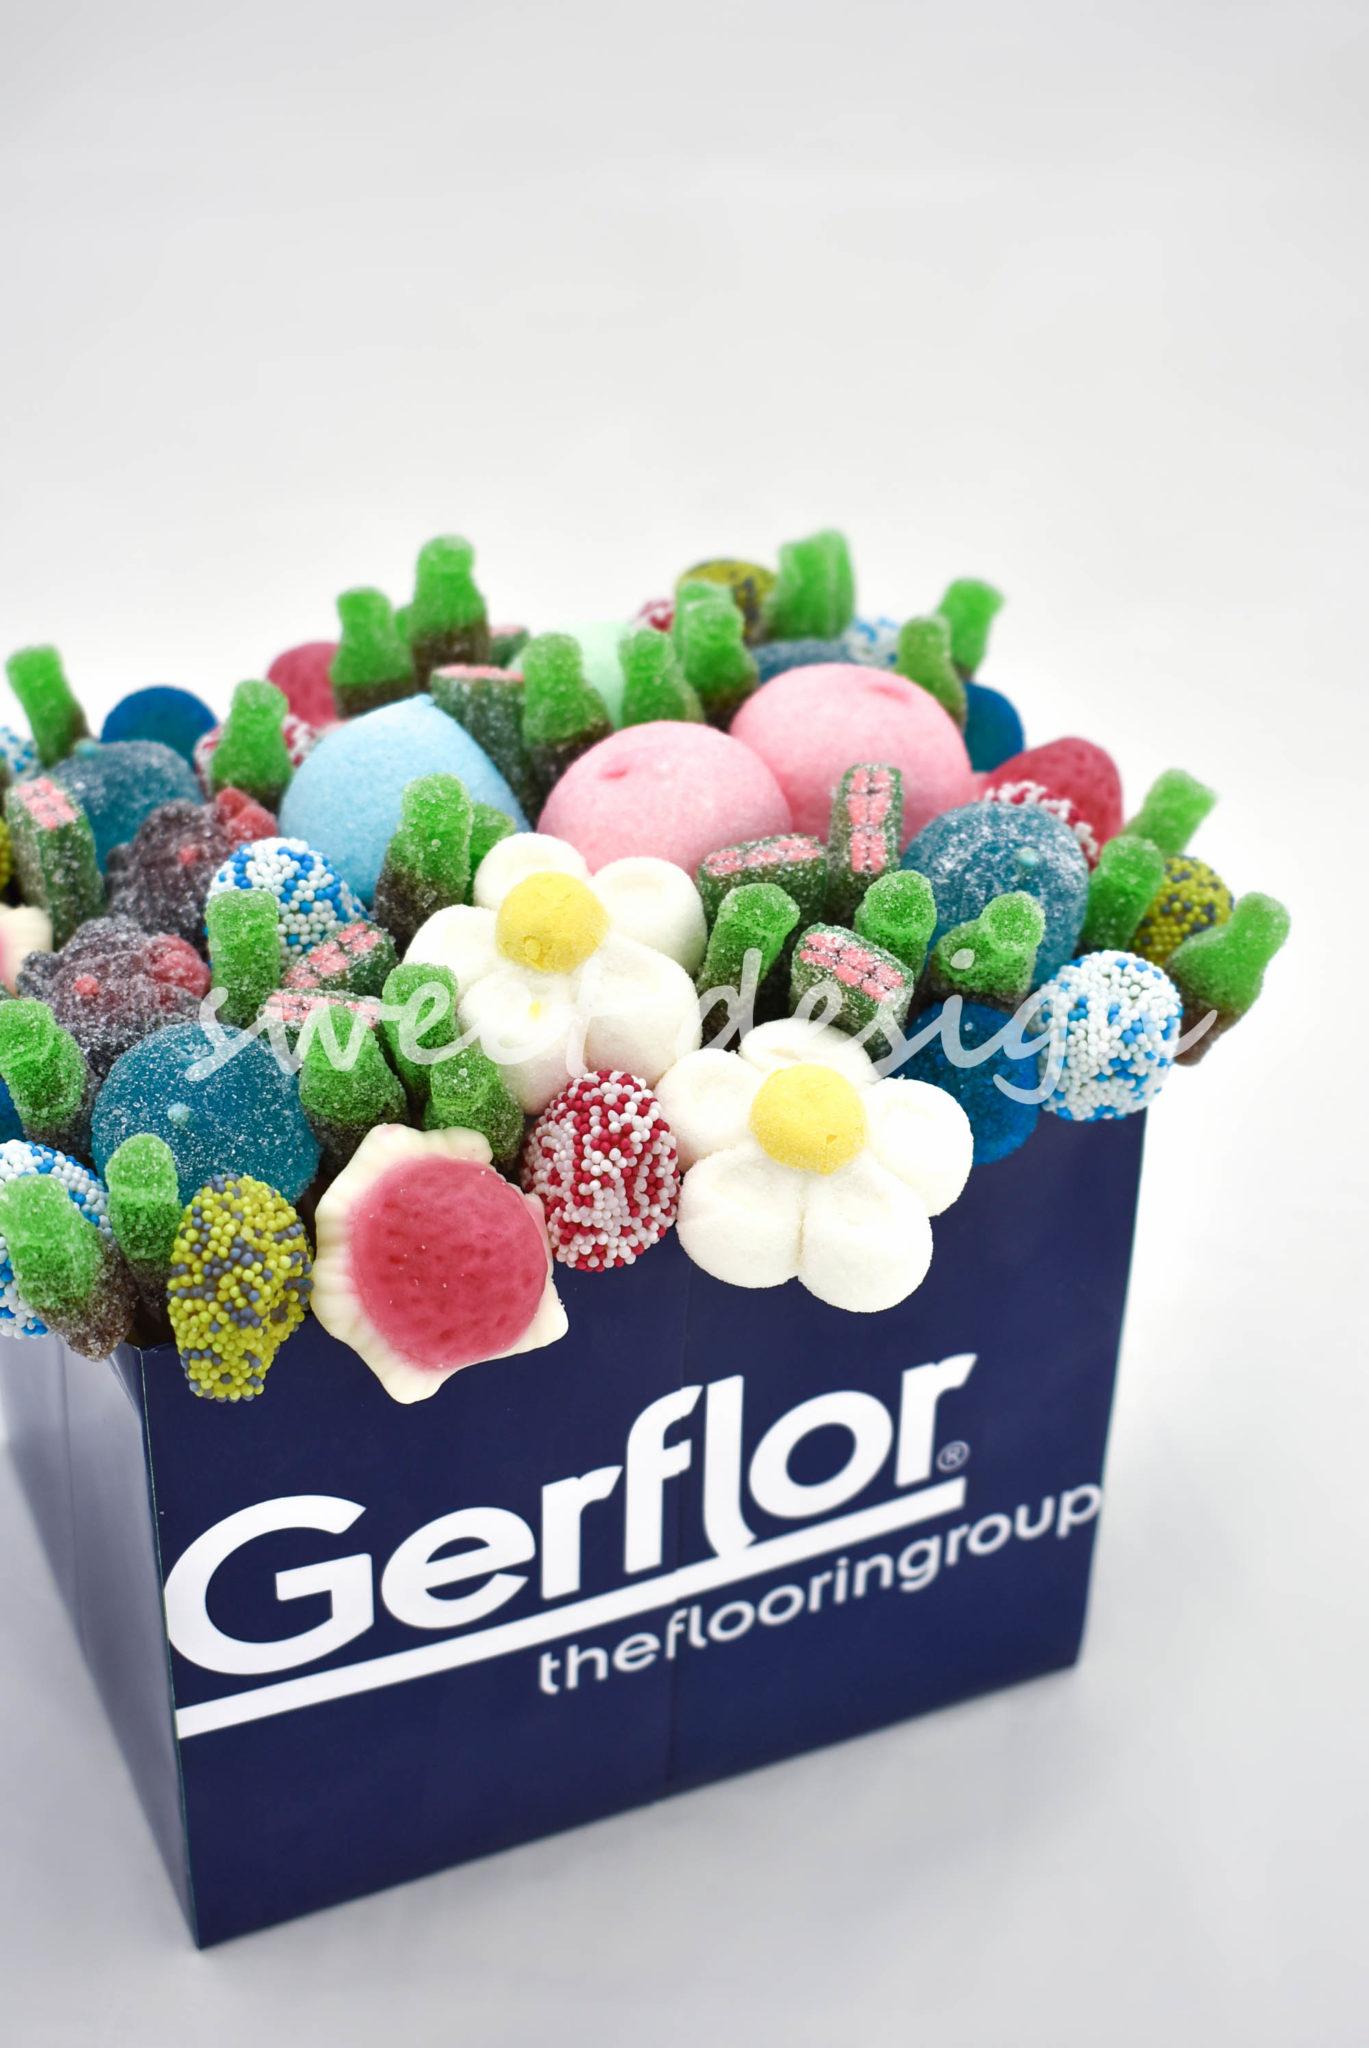 Centro de mesa de chuches para empresa gerflor sweet - Centro de mesa de chuches ...